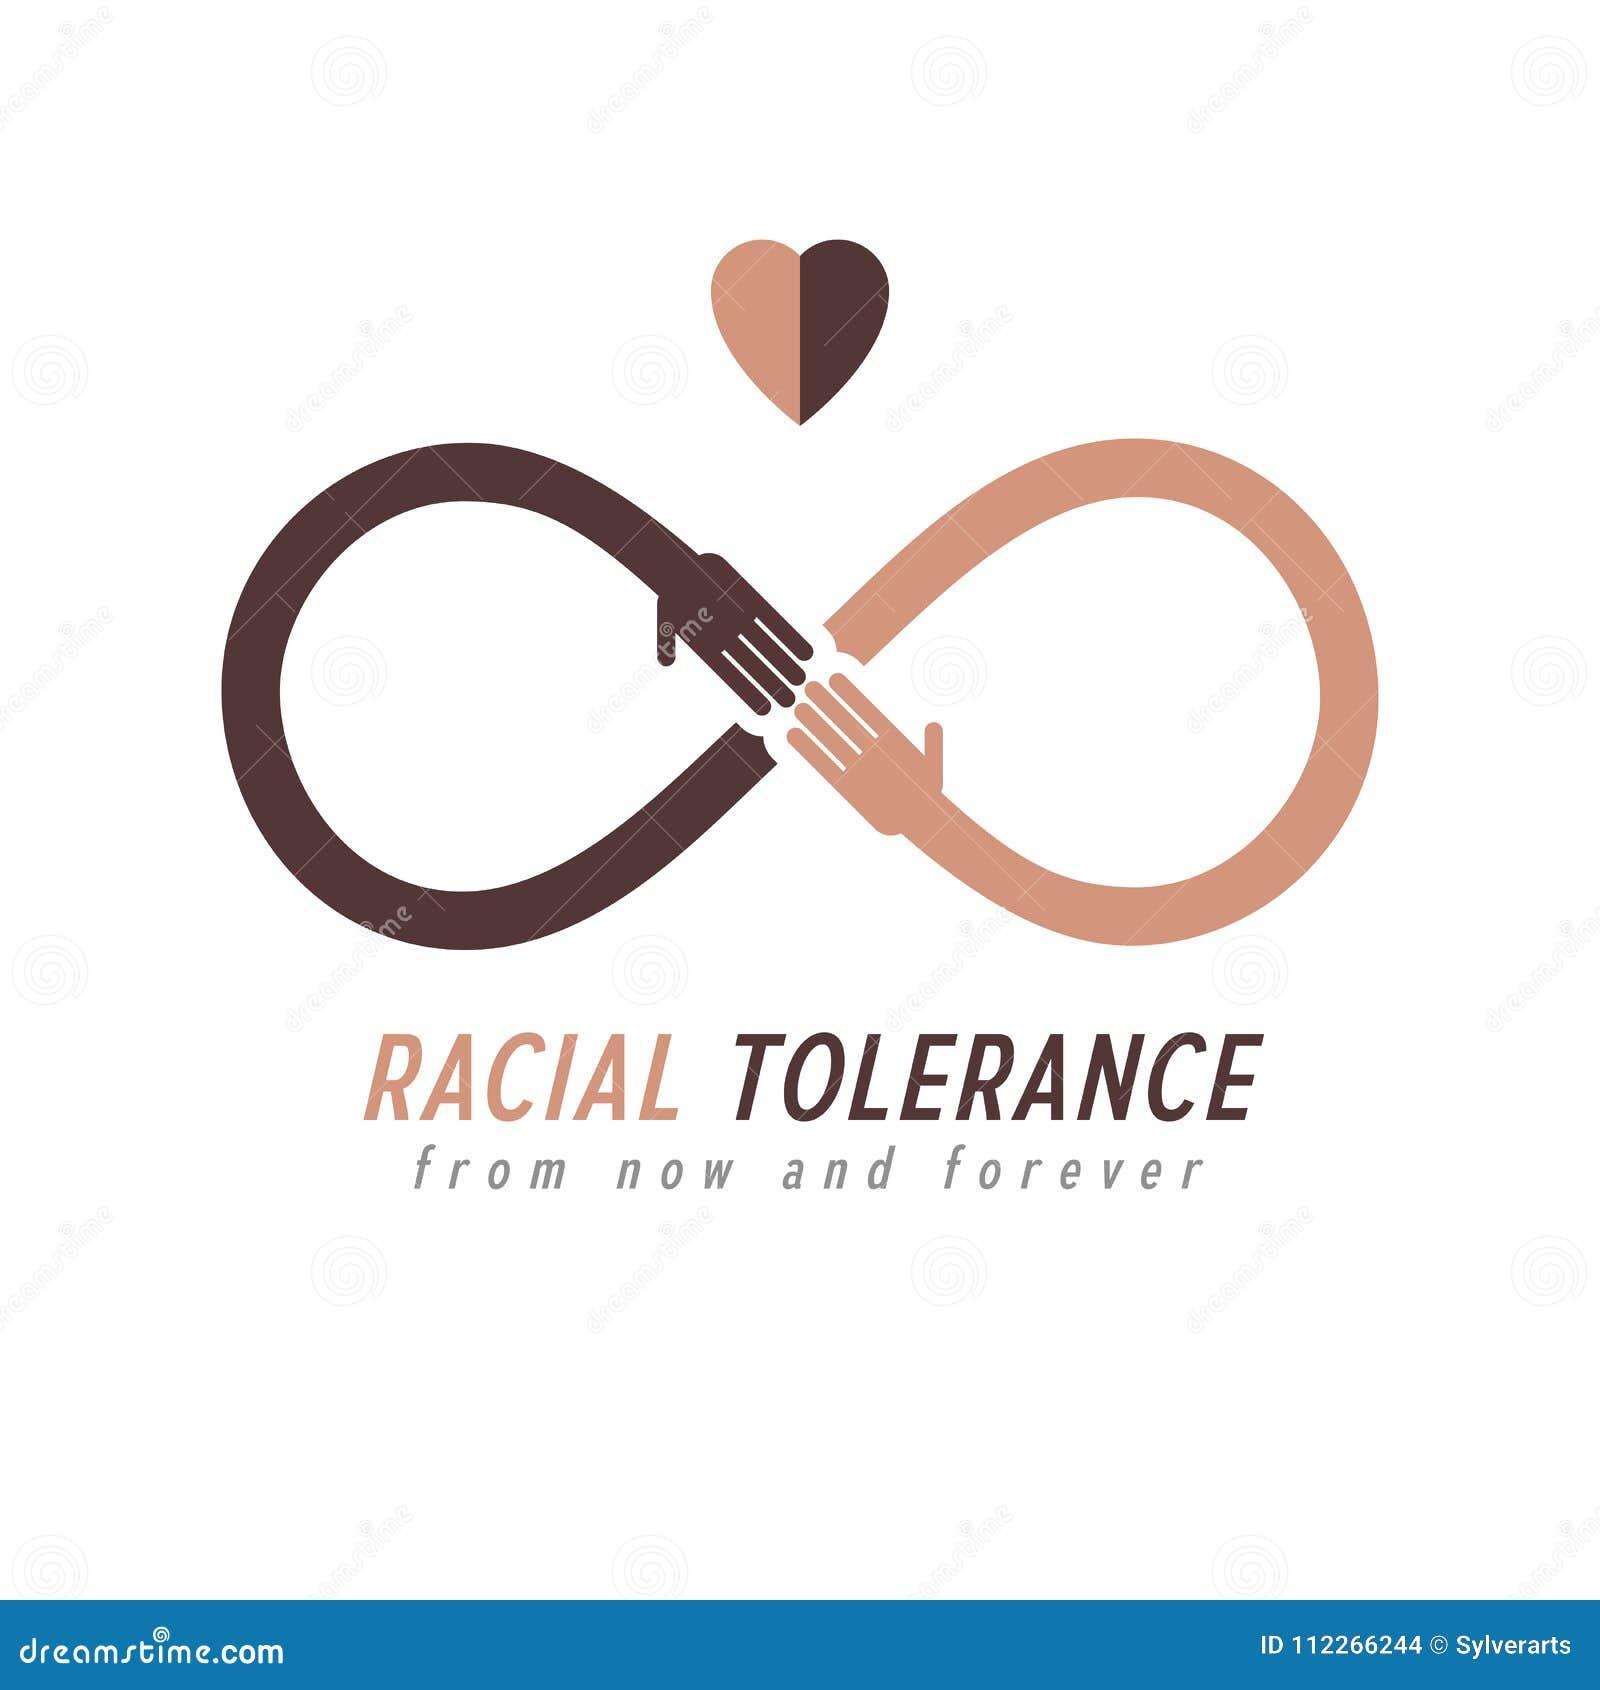 Racial Tolerance between different Nations conceptual symbol, Ma